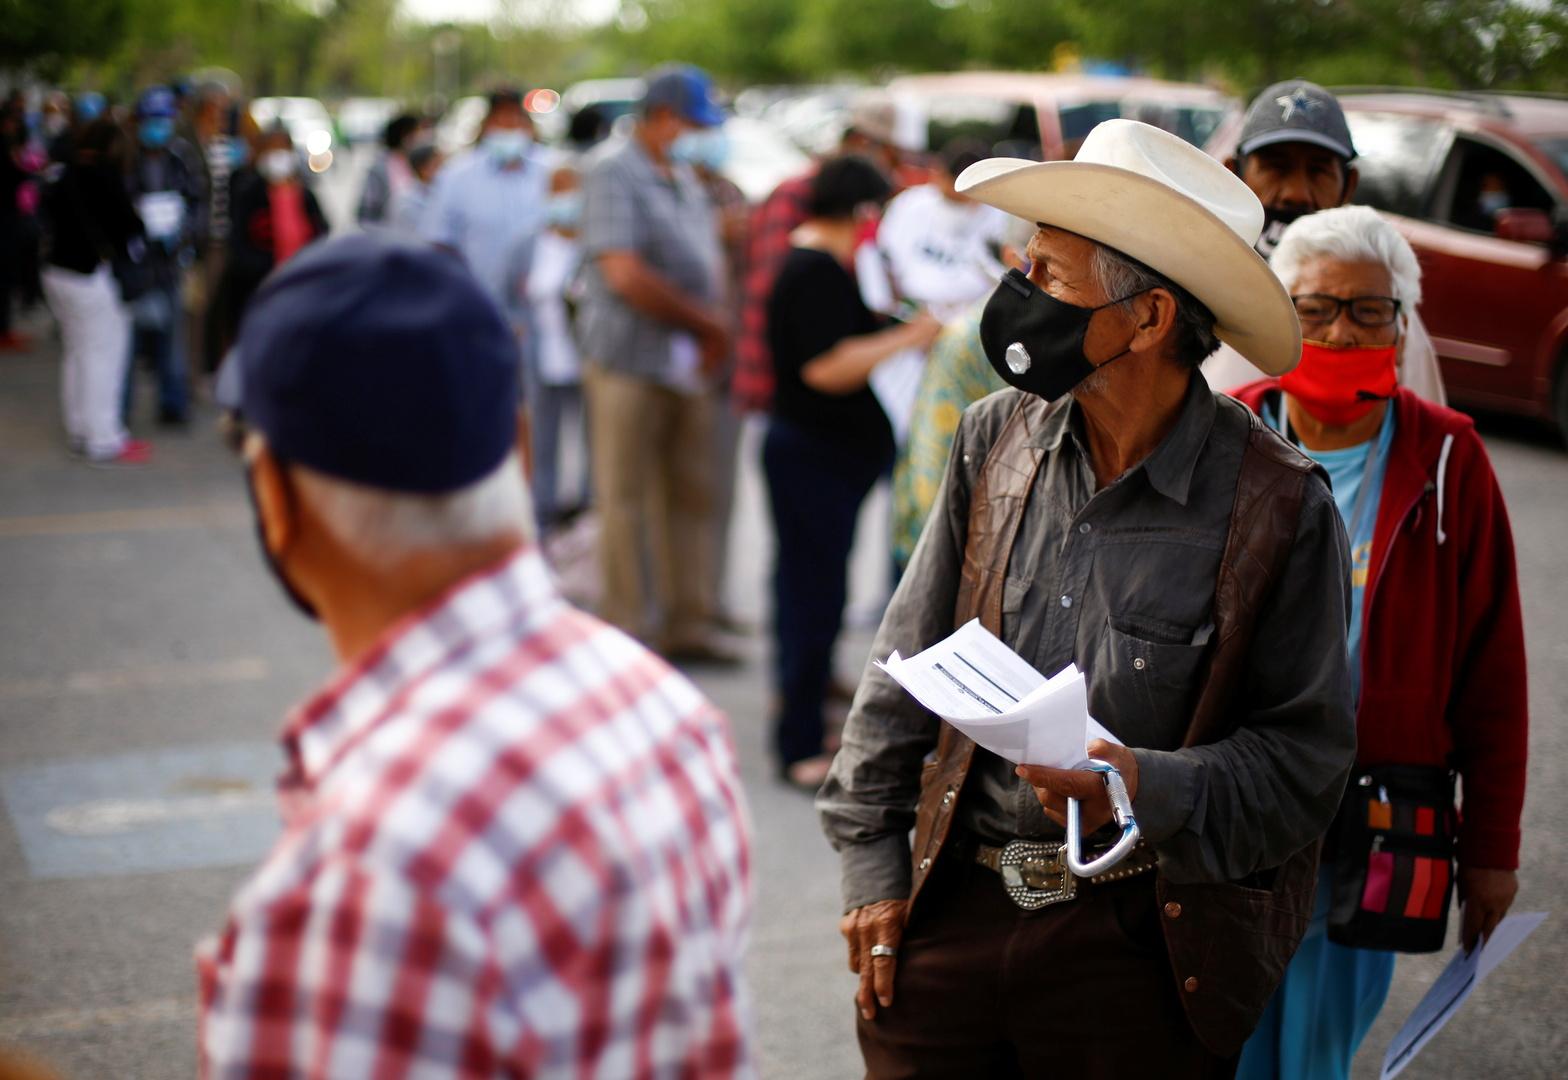 المكسيك تسجل 3708 إصابات و498 وفاة جديدة بكورونا